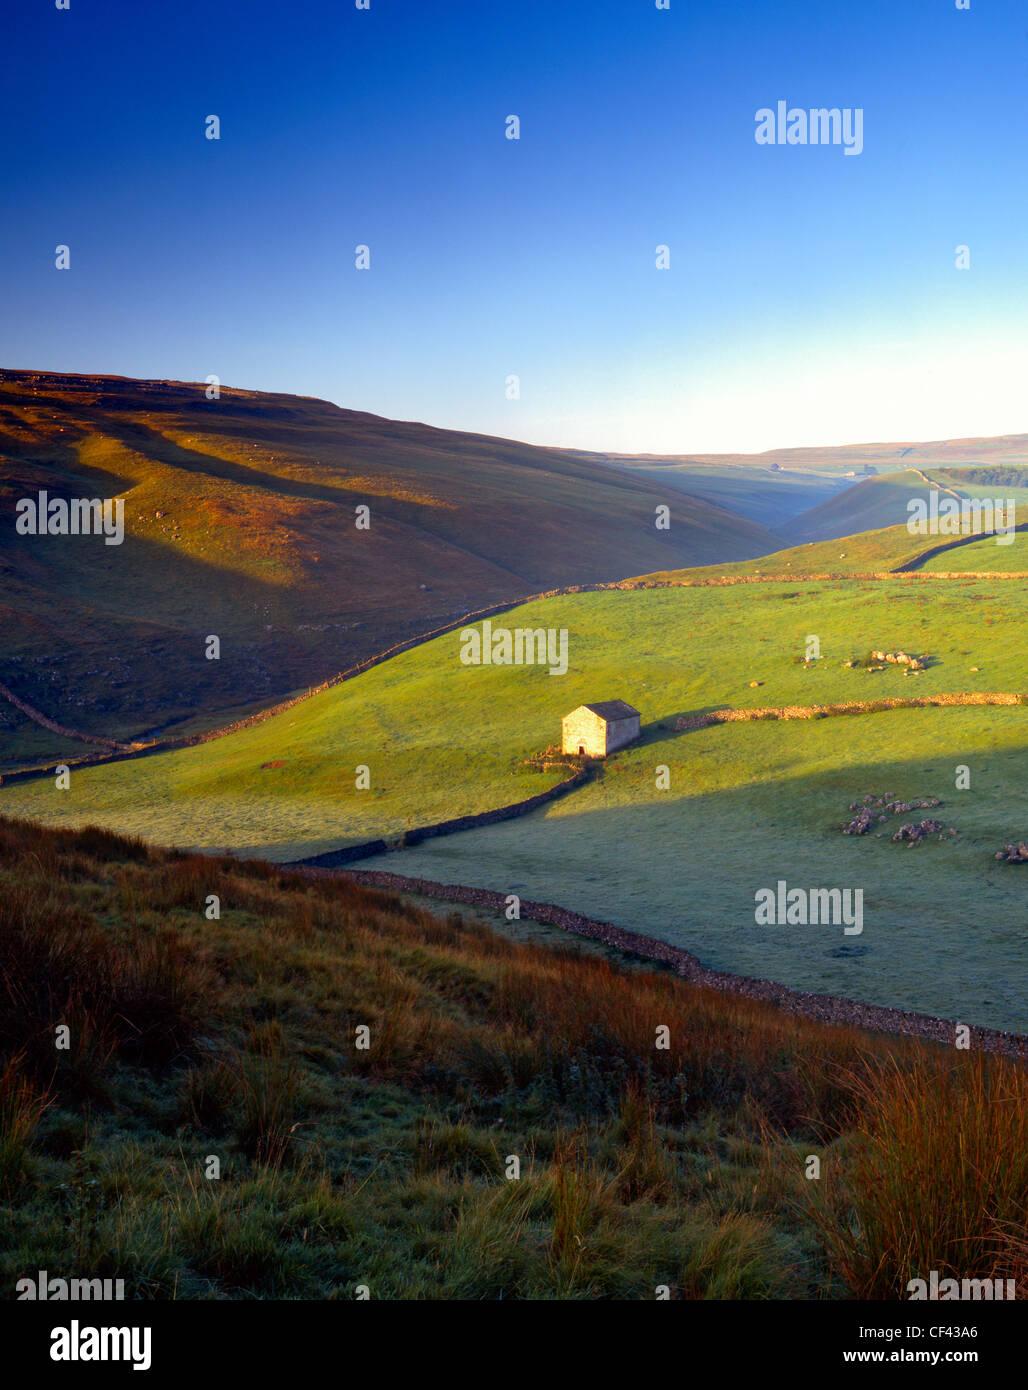 Un granero de piedra y paredes de Wharfedale drystone tradicional en los valles de Yorkshire. Imagen De Stock